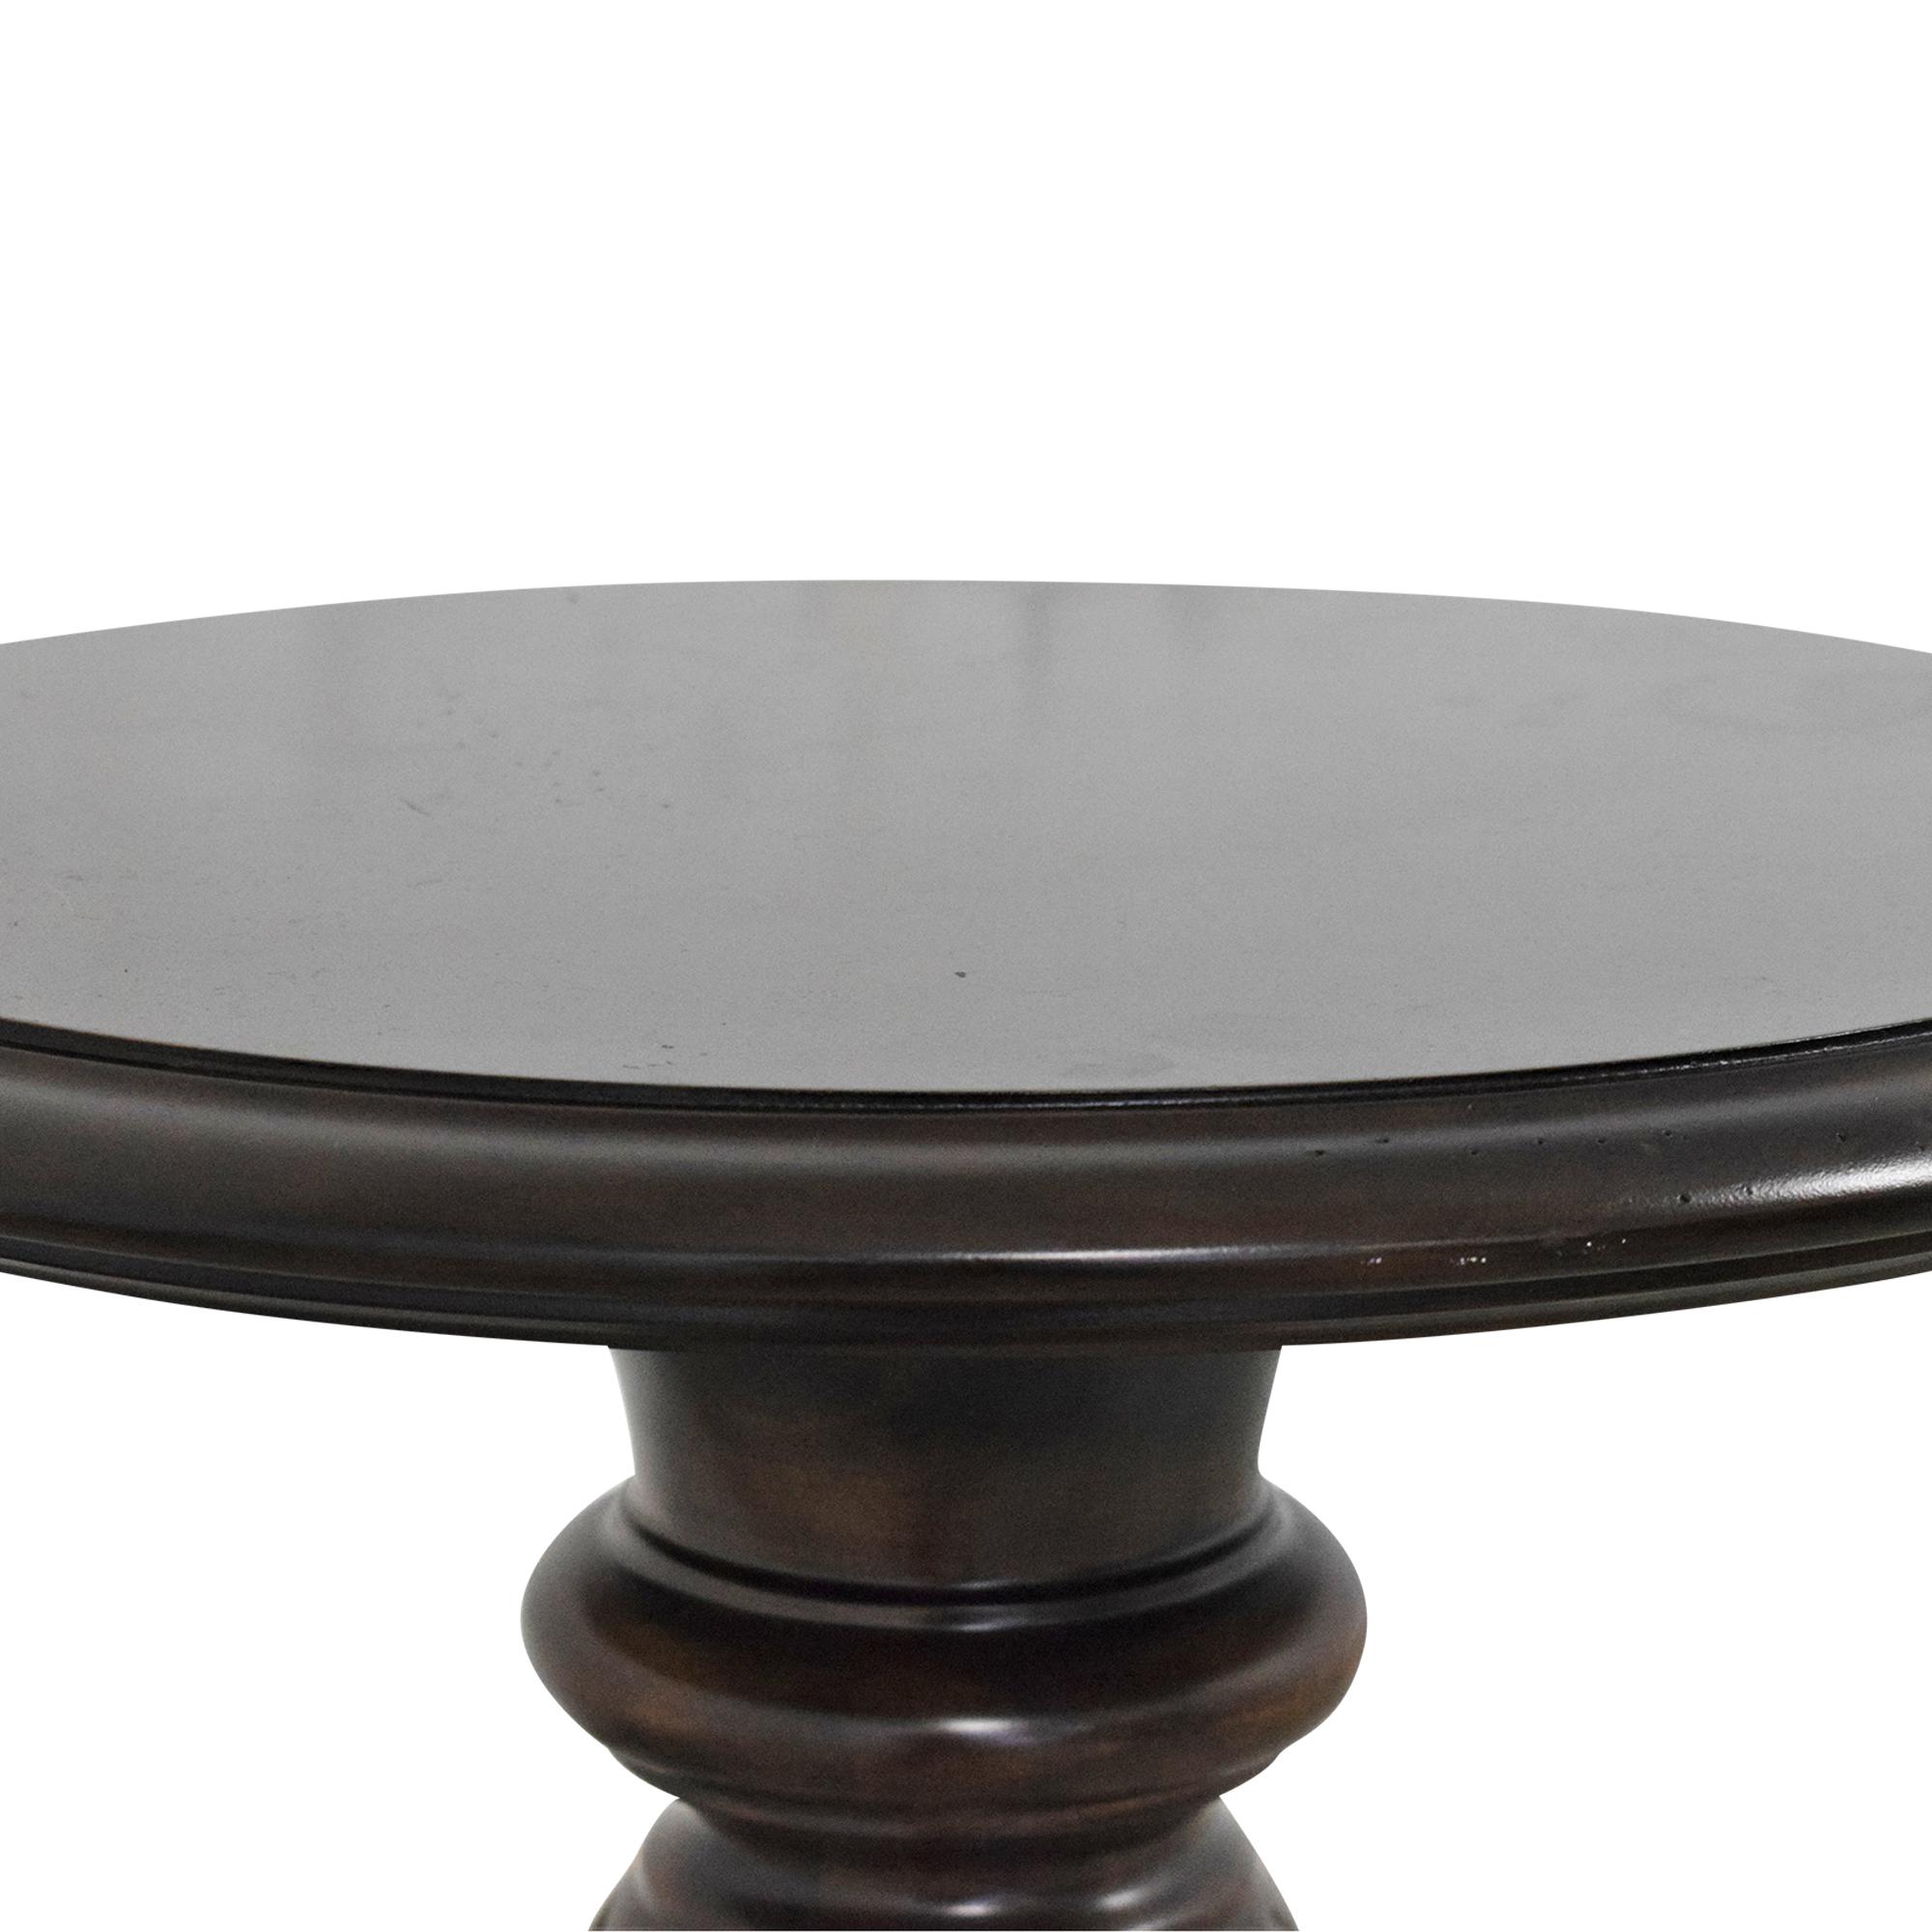 Bernhardt Bernhardt Round Lamp Table nyc